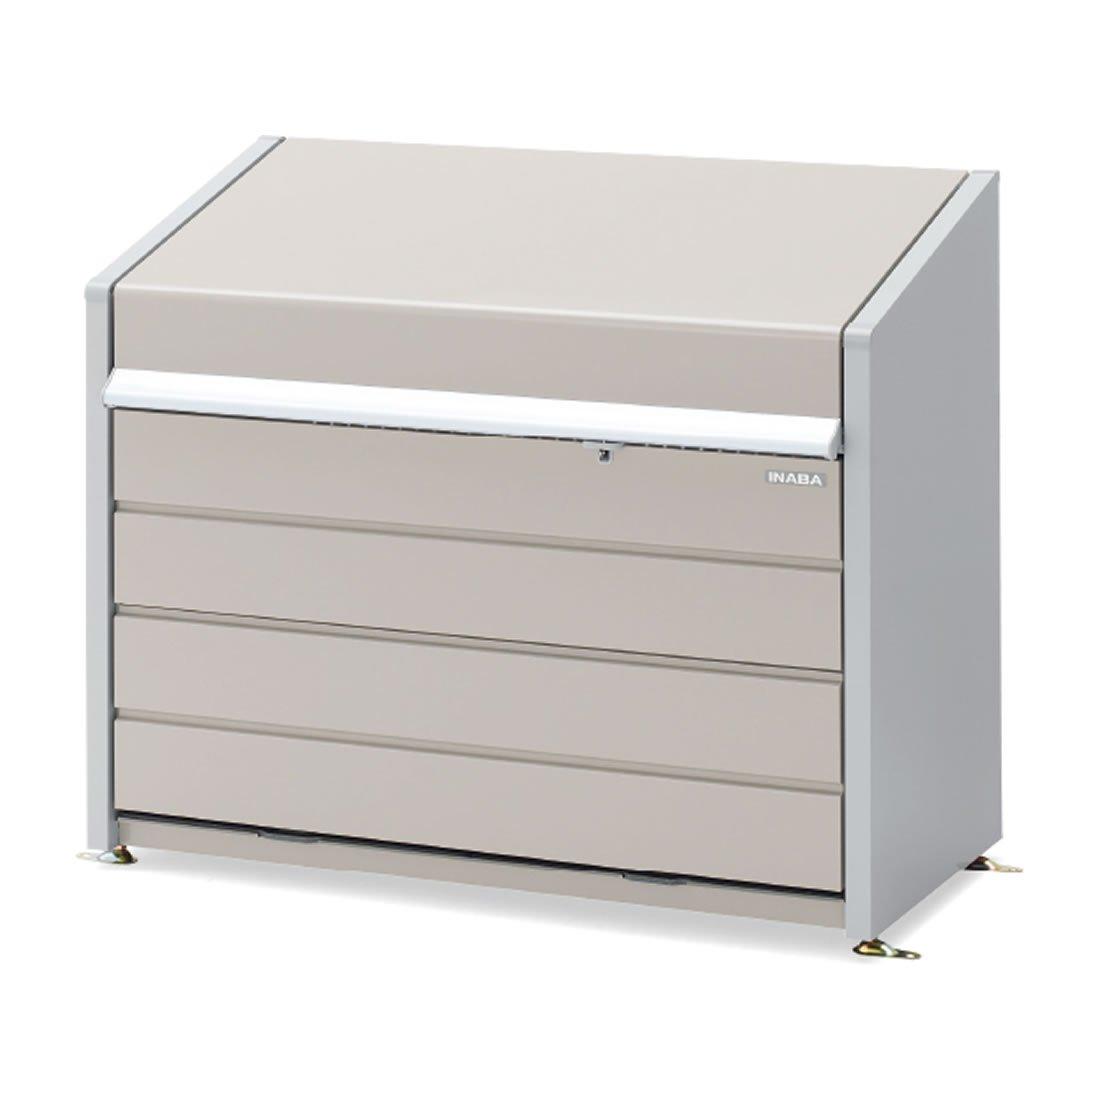 【新潟長野 限定販売】イナバ物置 ダストボックスミニ DBN-126P パネル床タイプ B01MYPGKZX